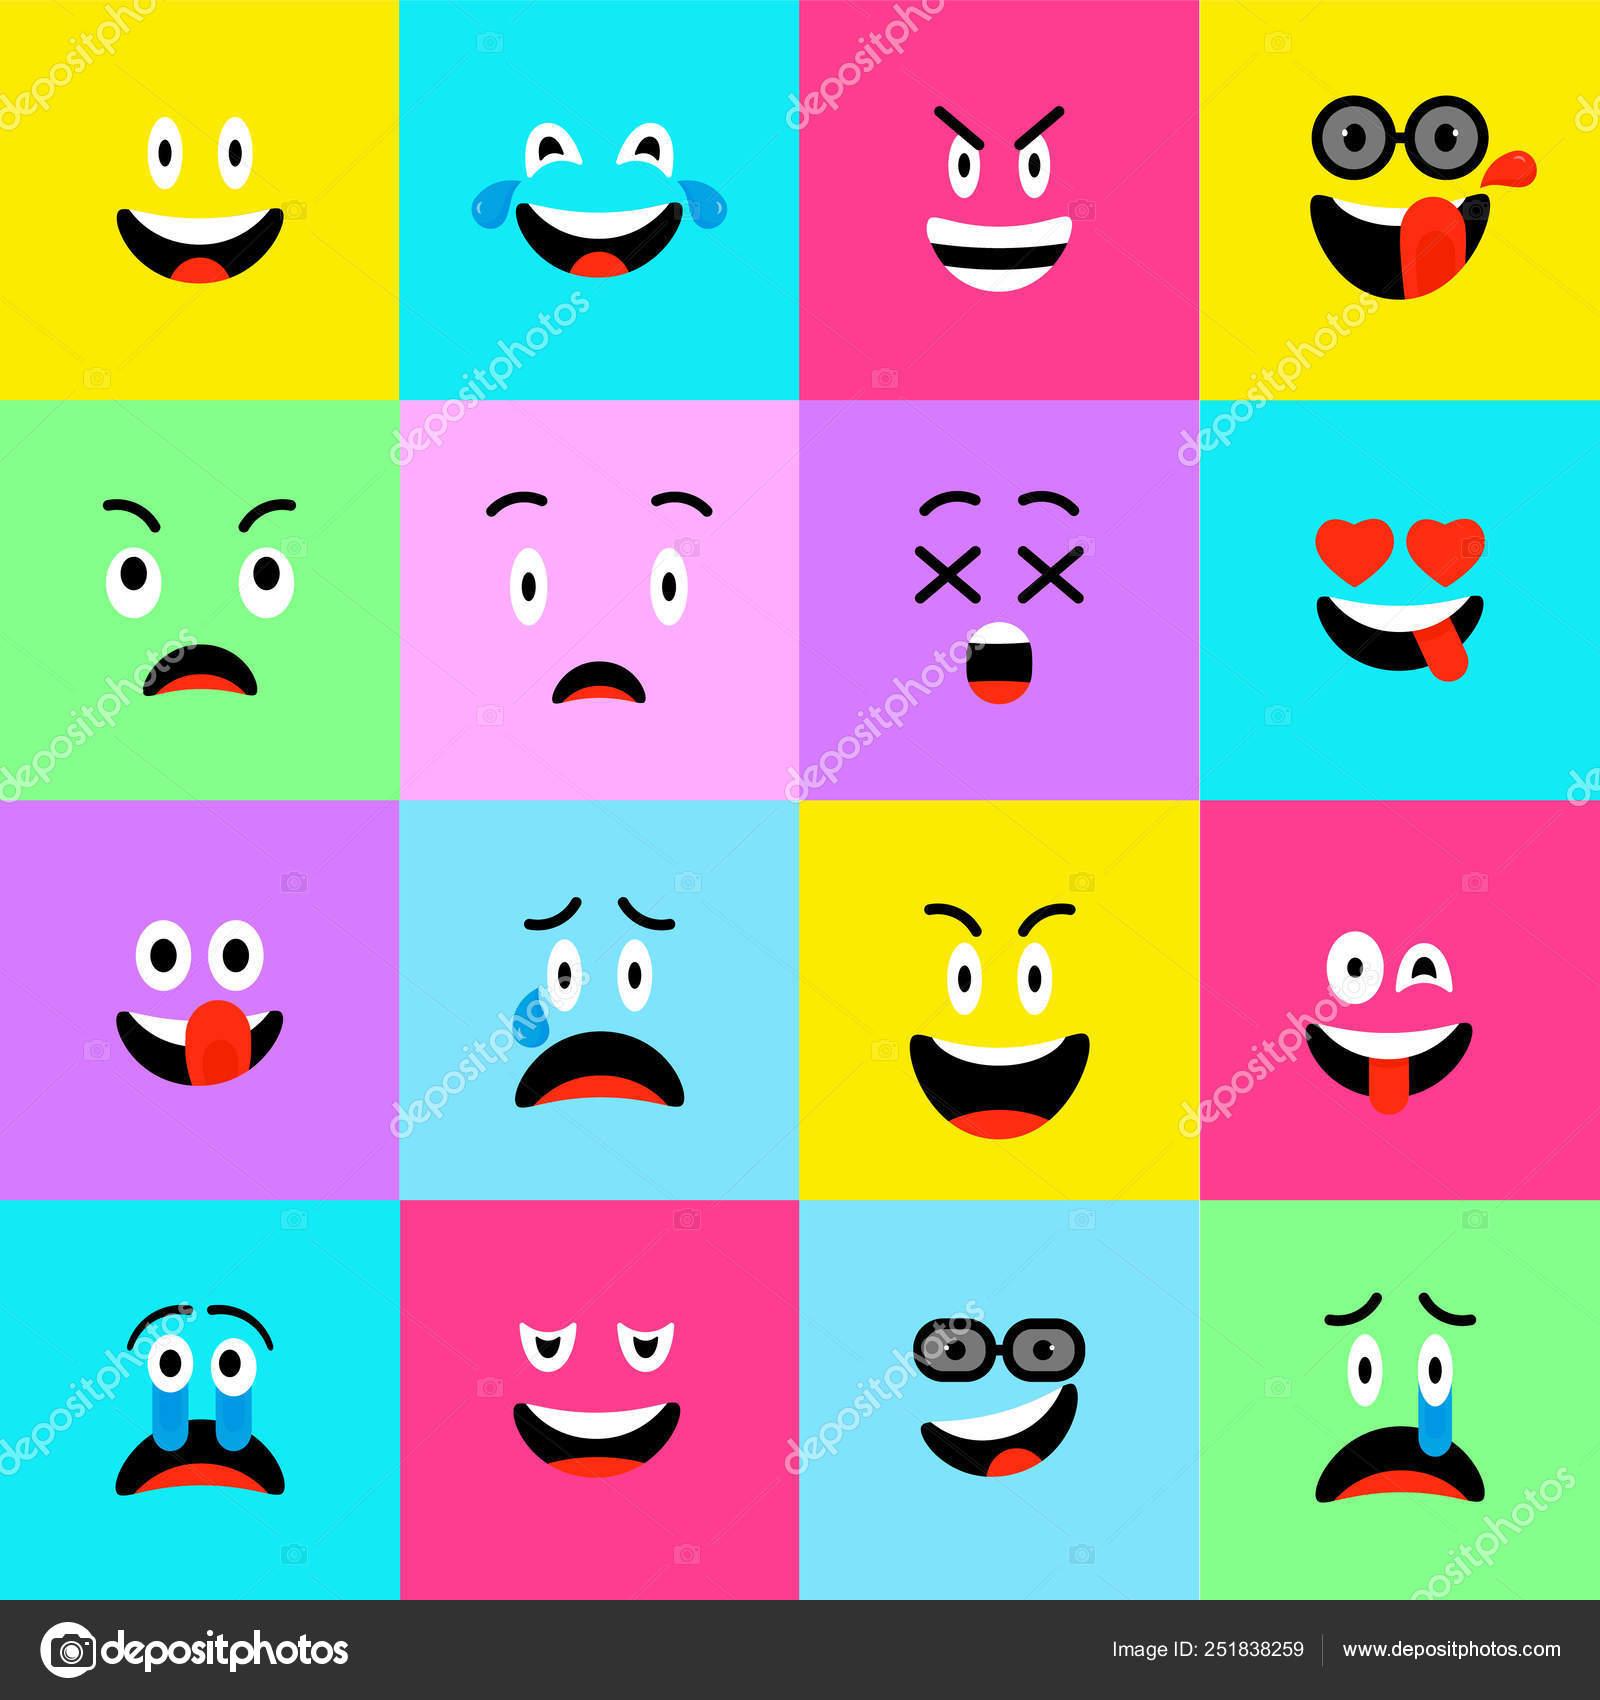 dcb58271275 Emojis icons Set estilo plano. Lindos emoticones cuadrados los iconos.  Caras divertidas, alegres y tristes. Patrón de colores de sonrisas.